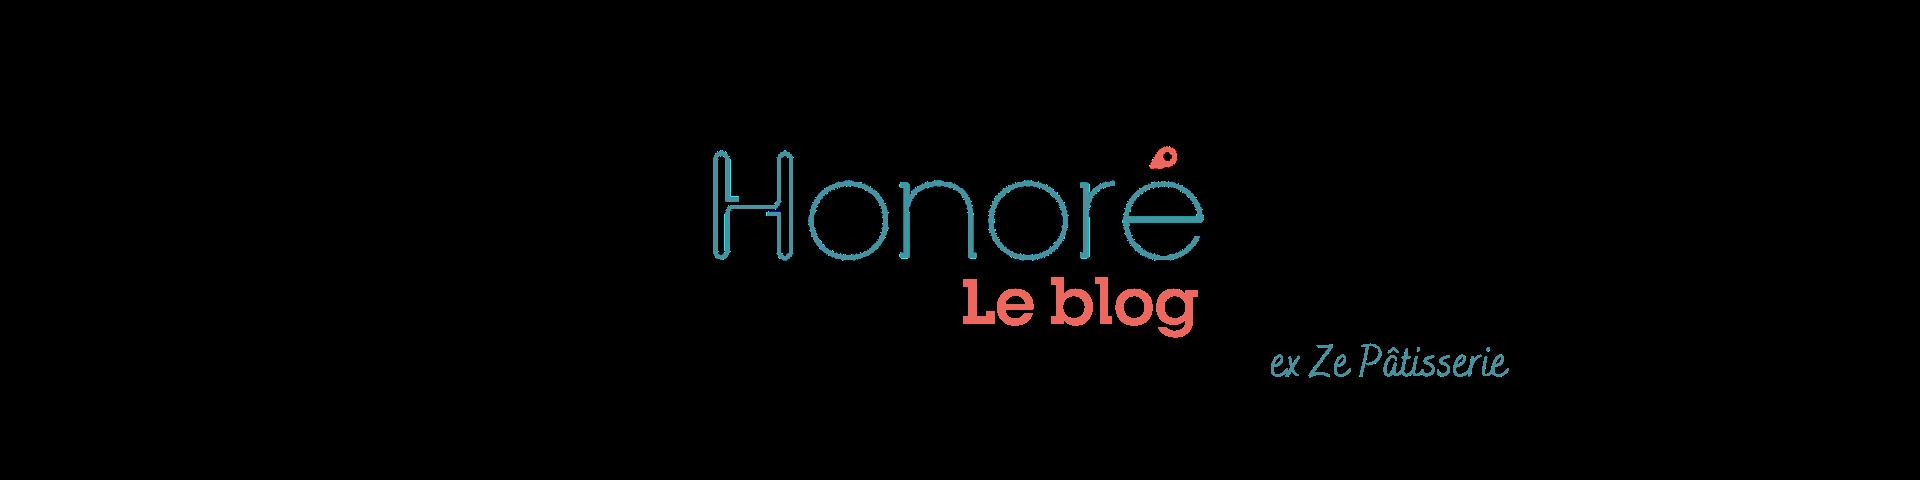 Honoré le blog